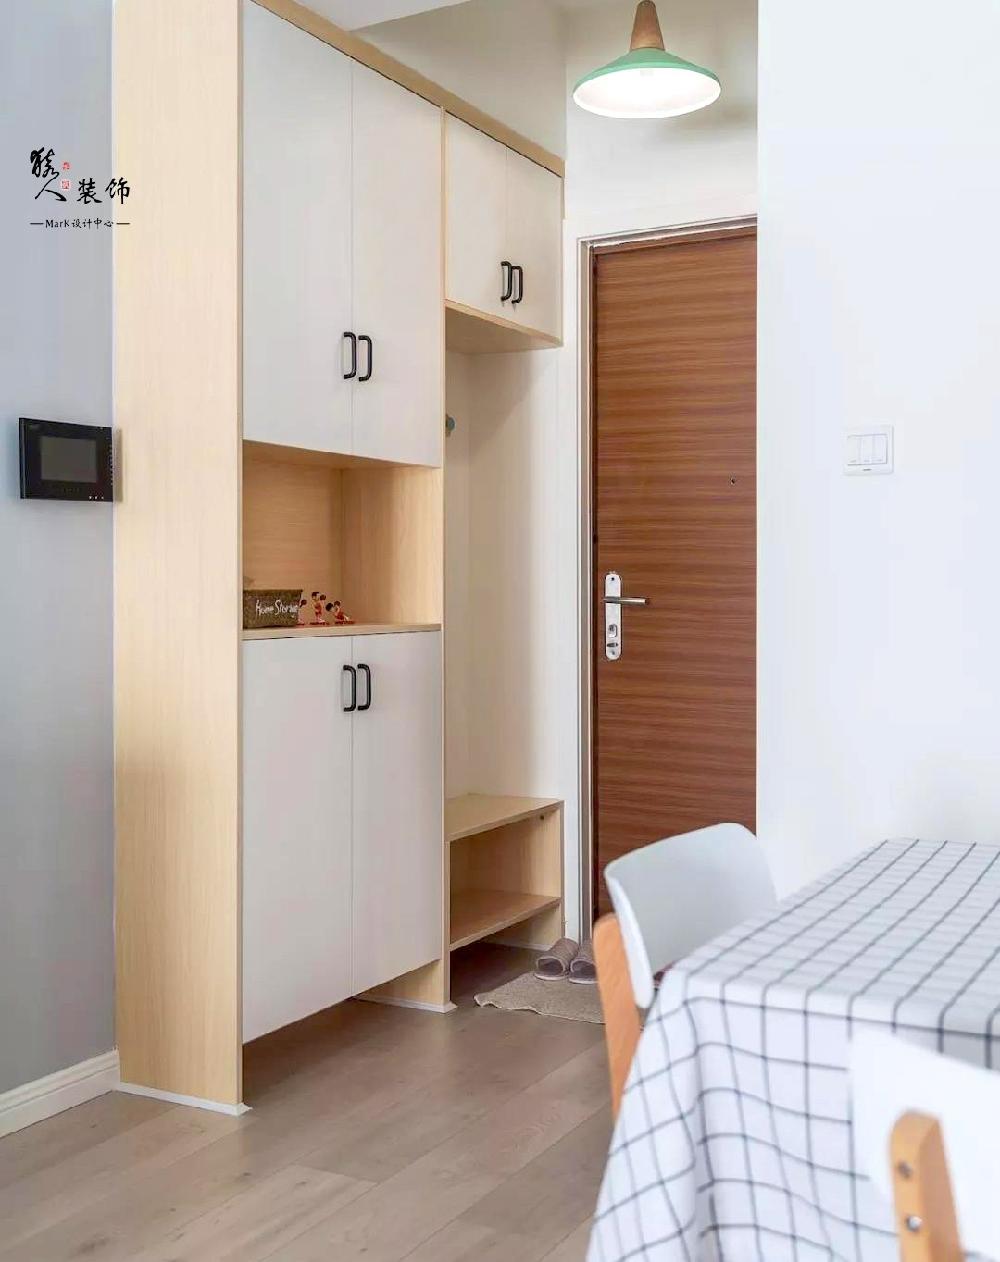 90平简约北欧三室 转角厨房超大空间14867411